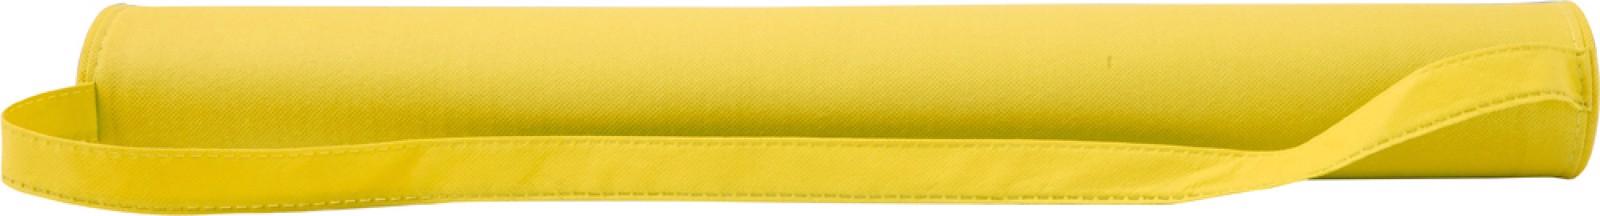 Nonwoven (80 gr/m²) beach mat - Yellow